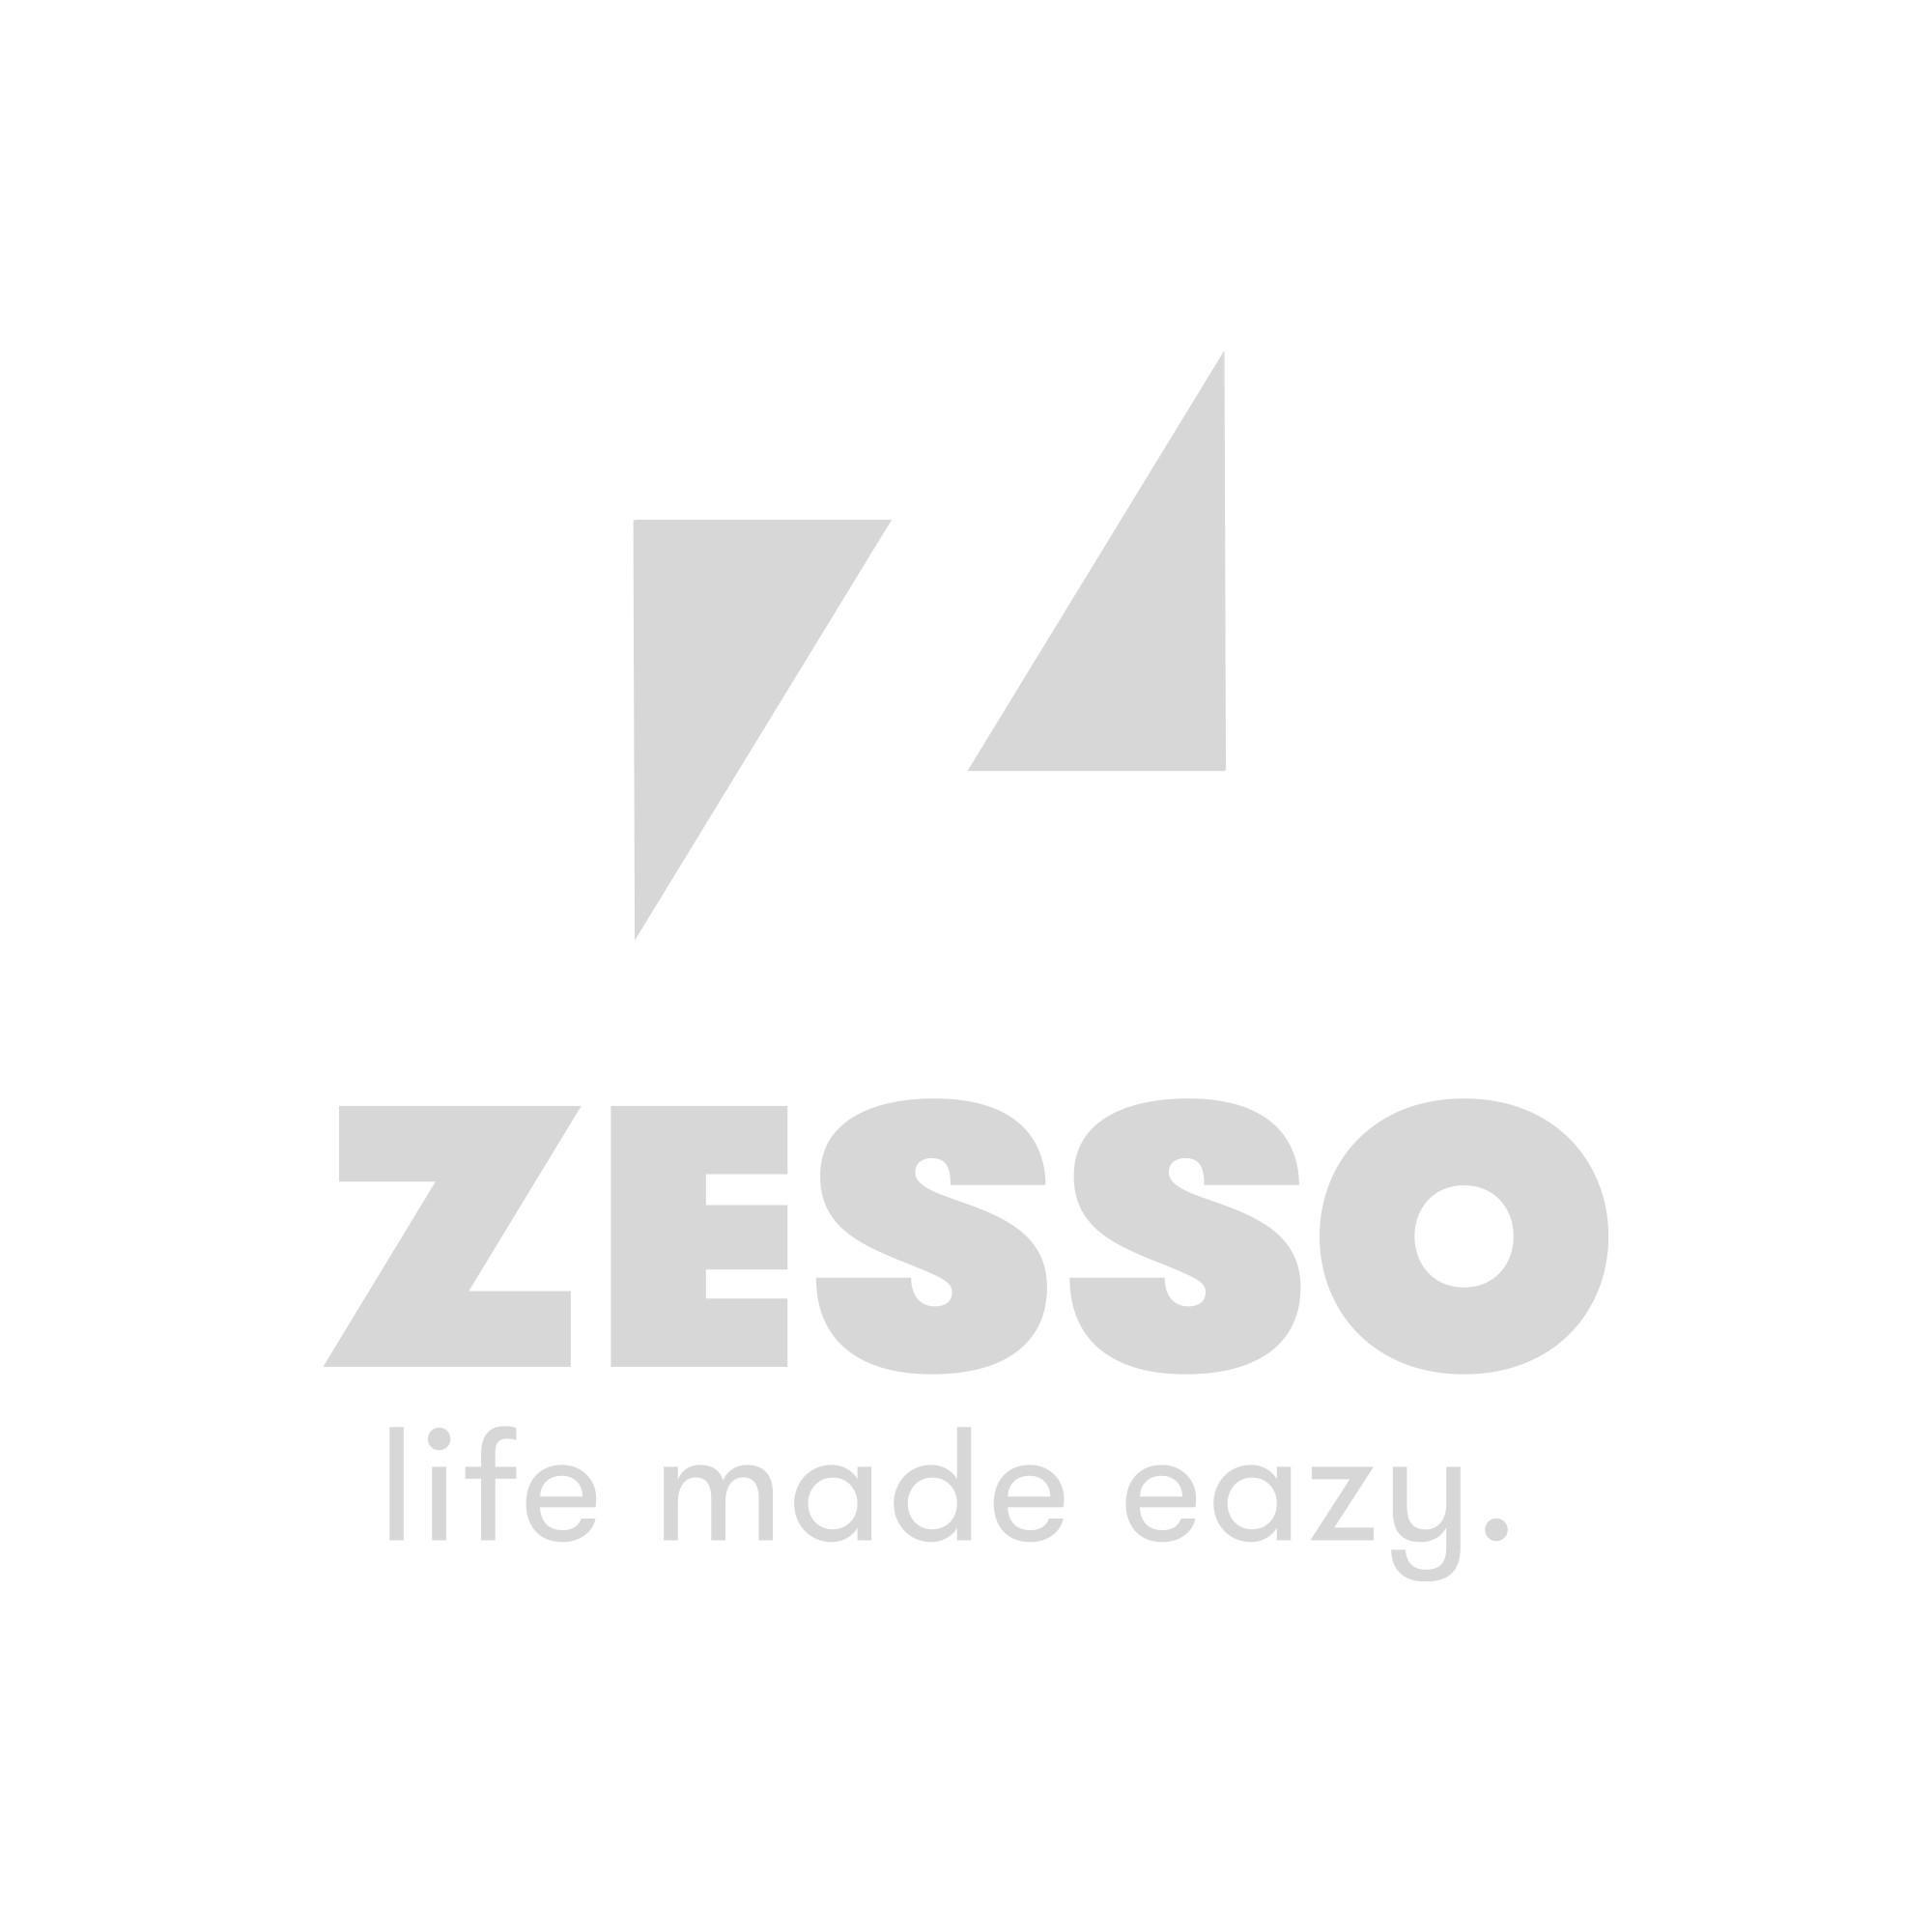 Scratch Hobbeldier Hobbelpaard Indianen Pony